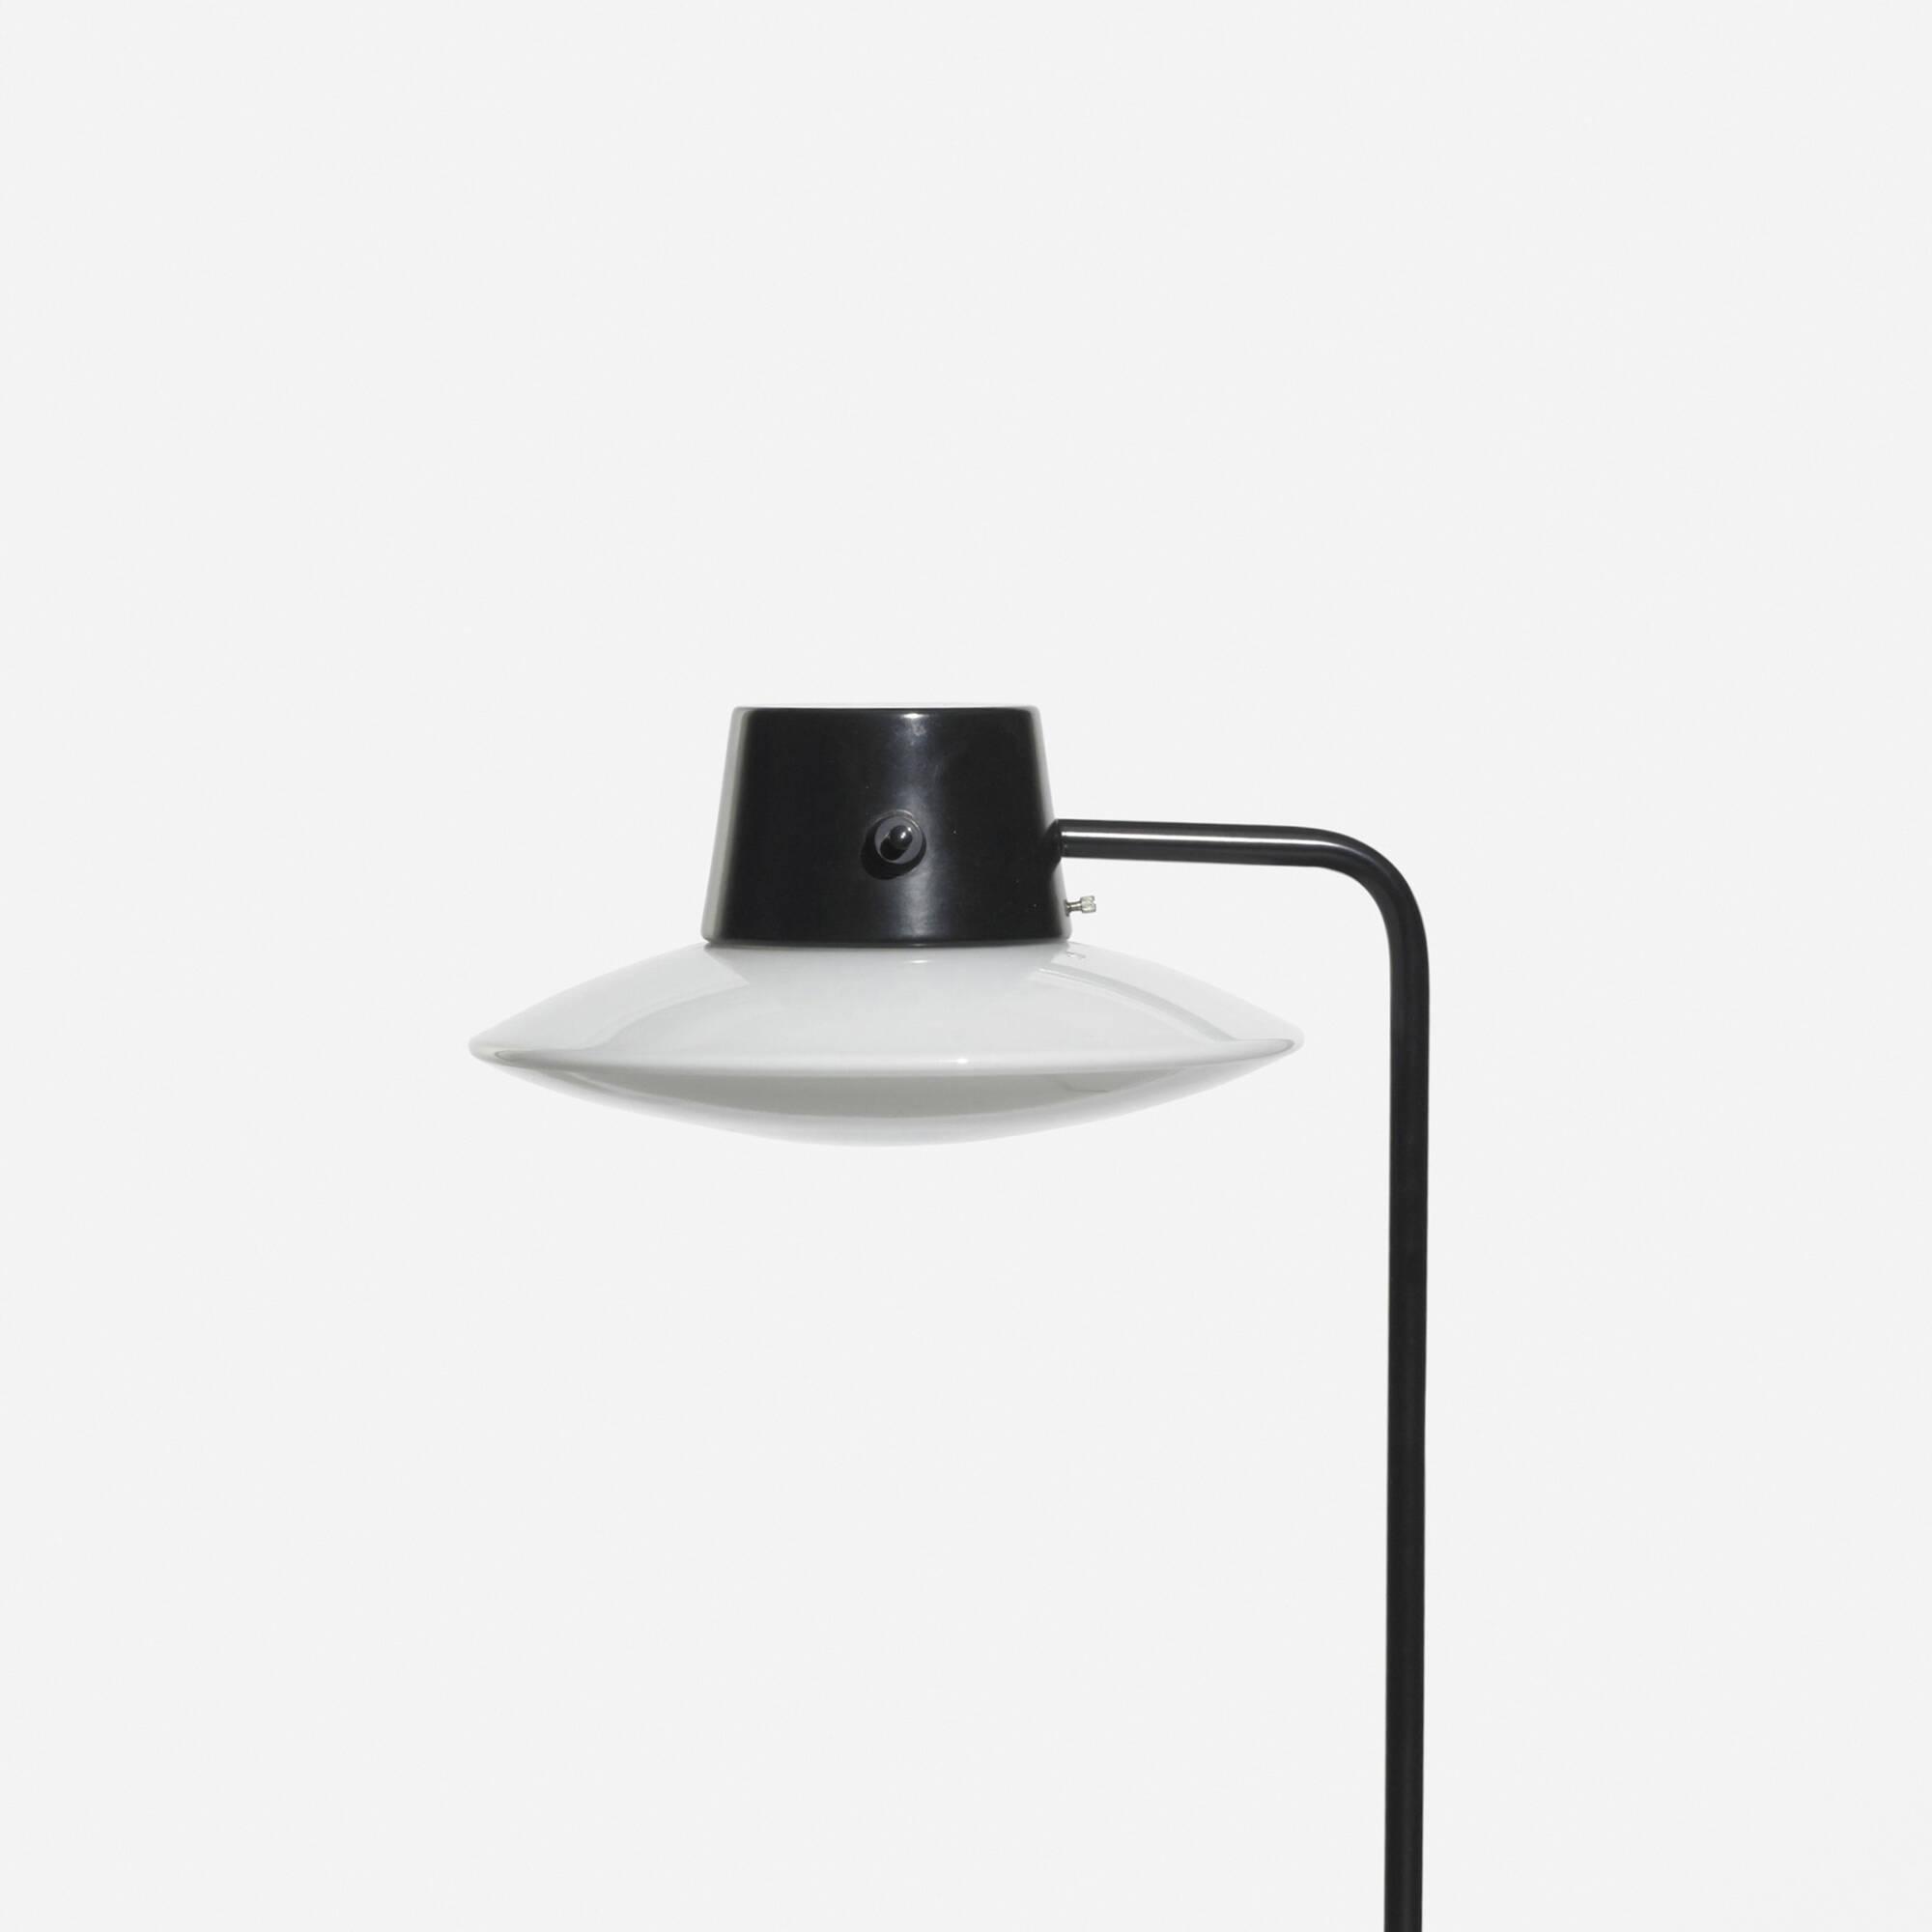 199: ARNE JACOBSEN, Oxford table lamp